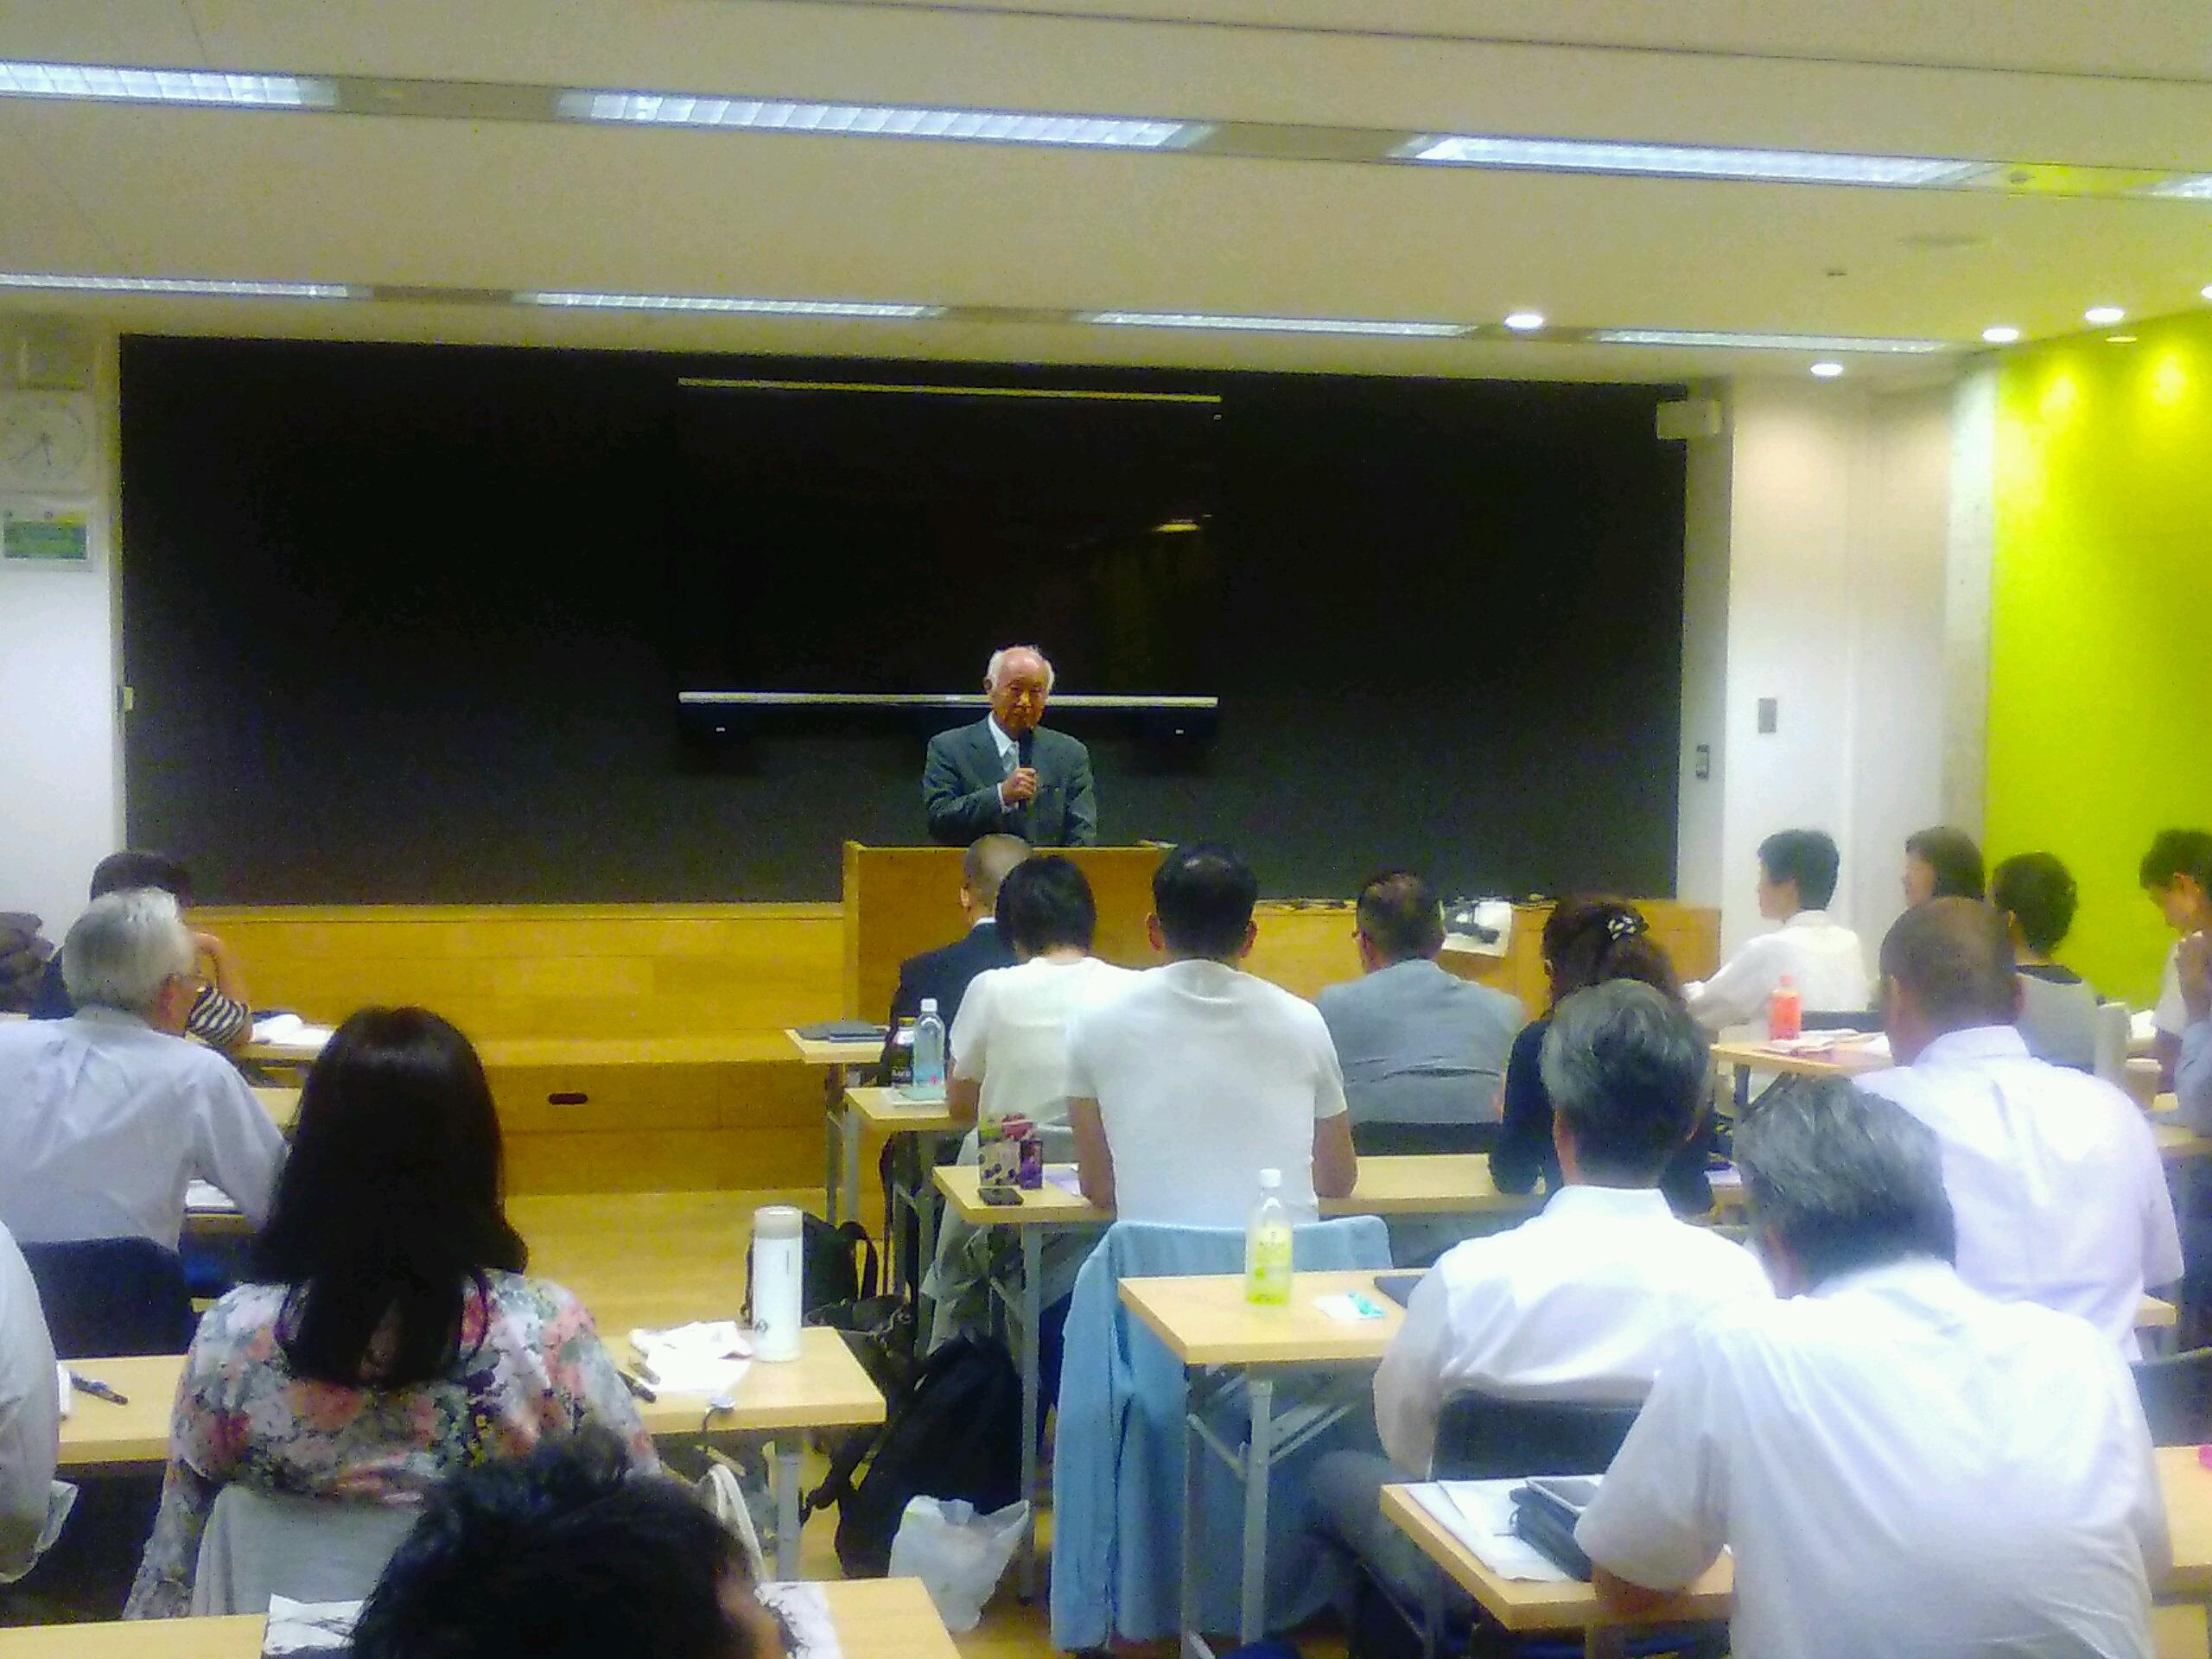 20181006173905 - 2018年10月6日(土)第5回東京思風塾開催しました。